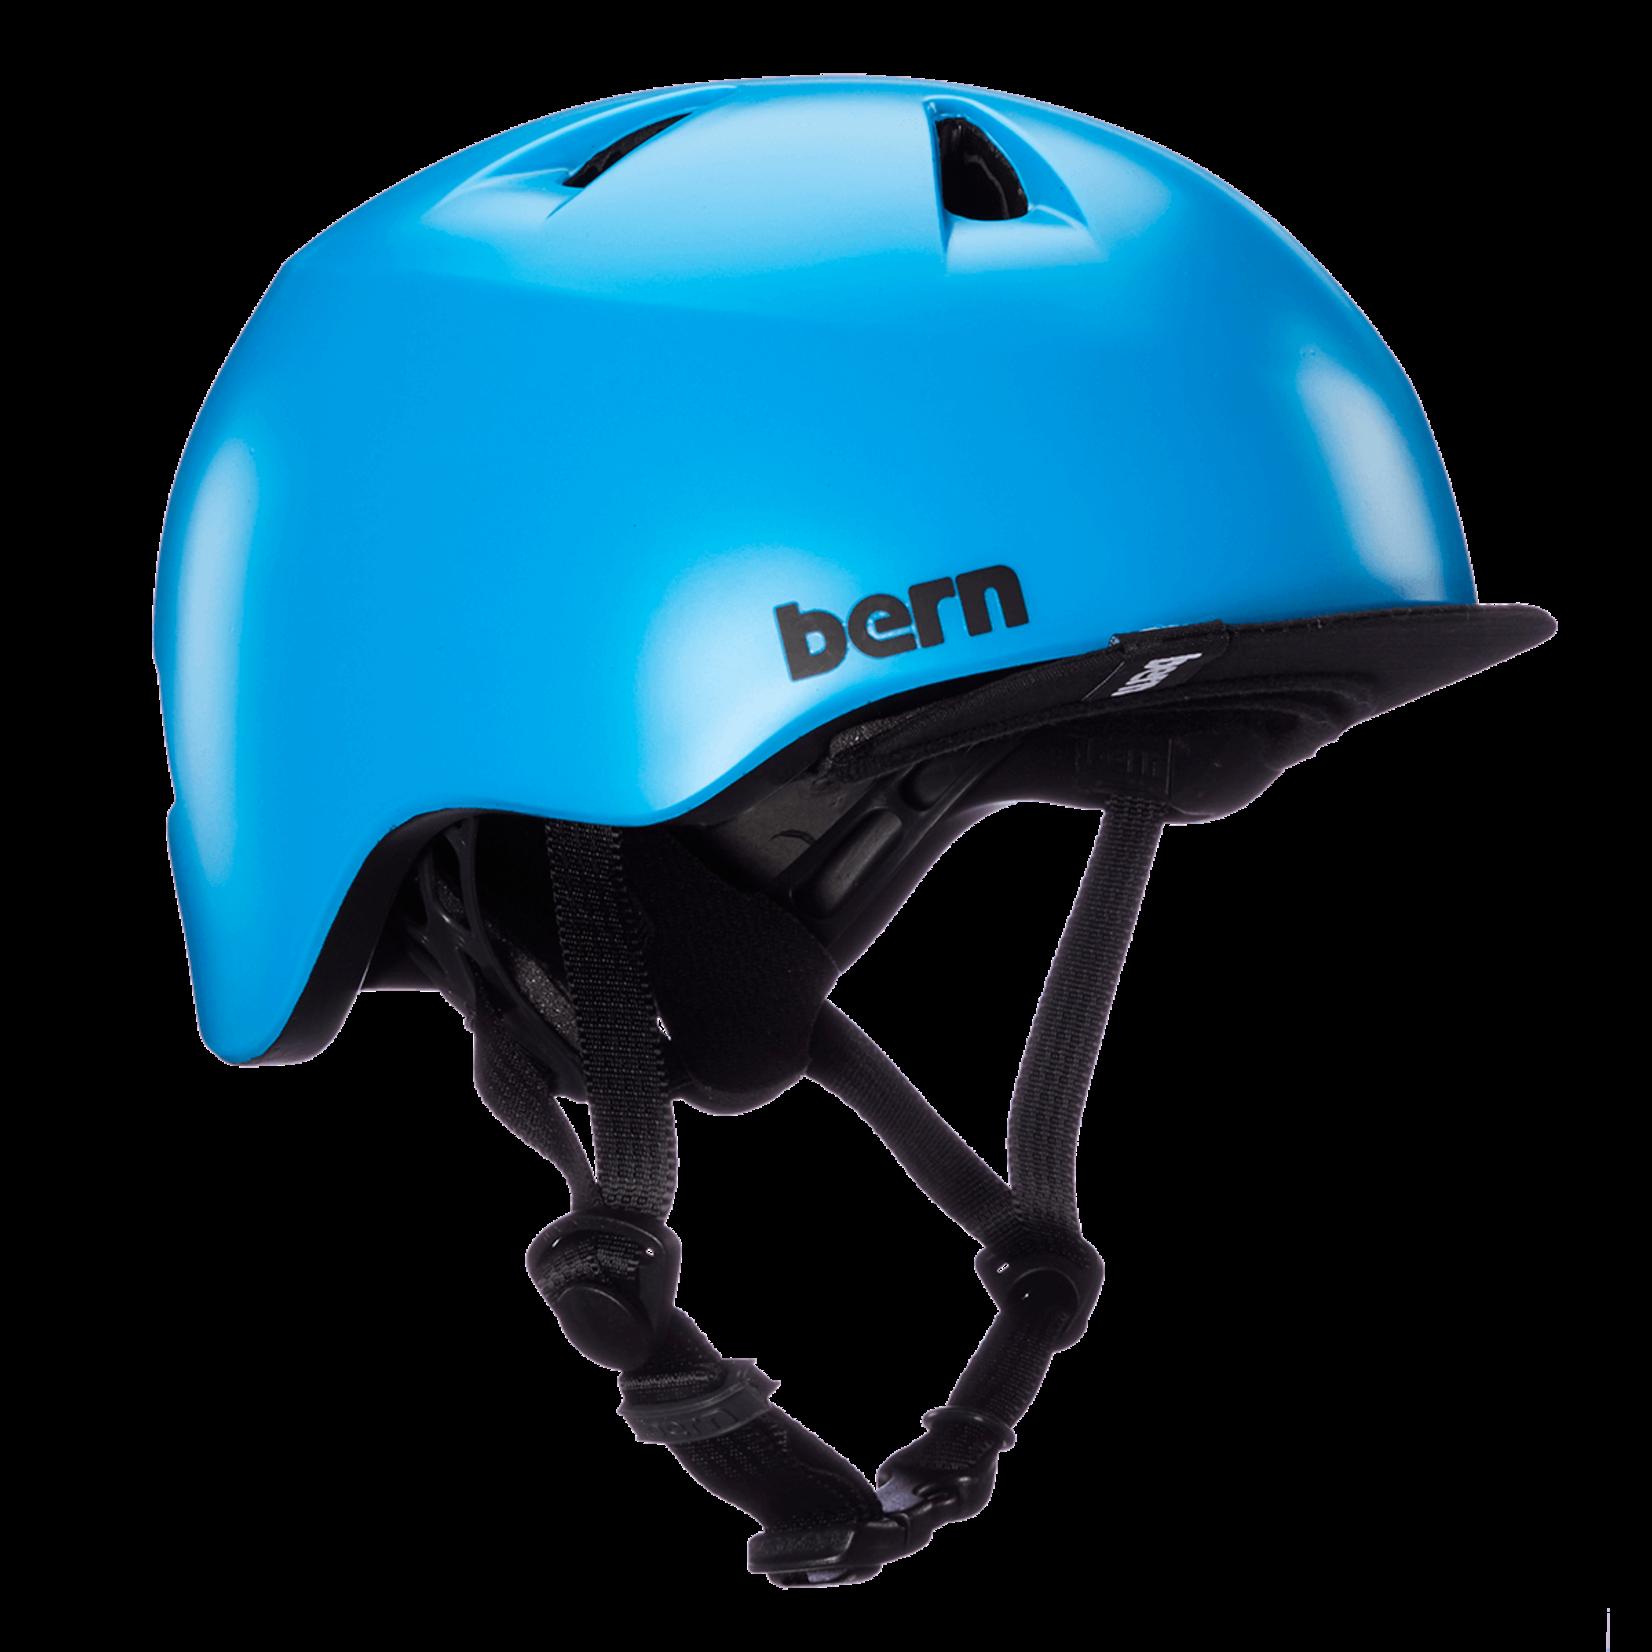 Bern Bern, Tigre, Helmet